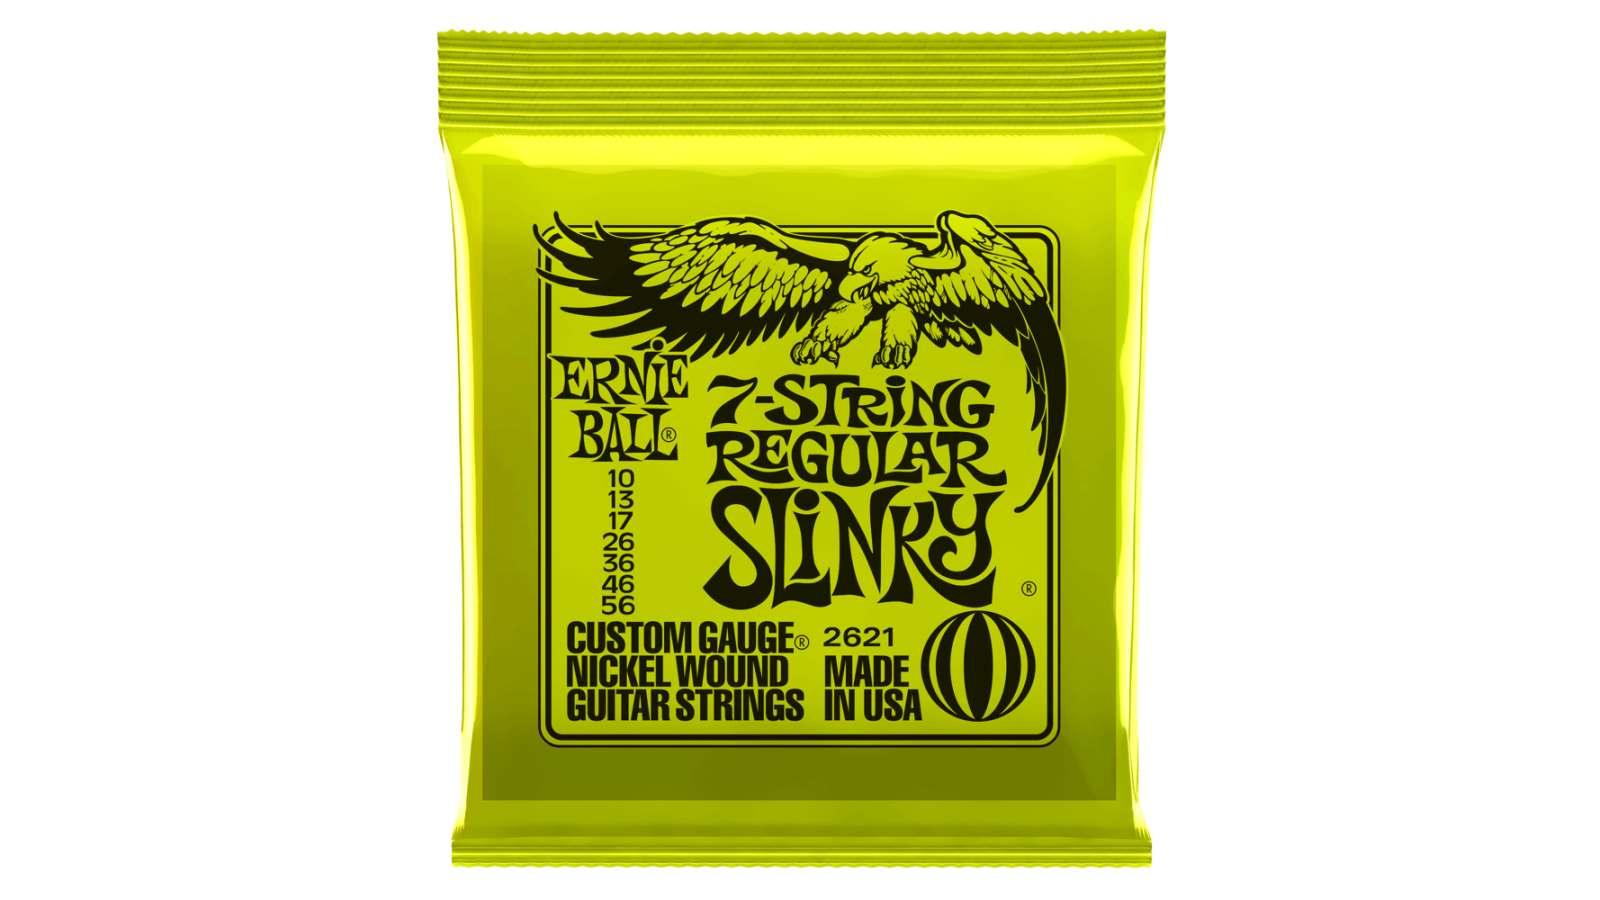 Ernie Ball EB-2621 Regular Slinky 7-String Saiten 010-056